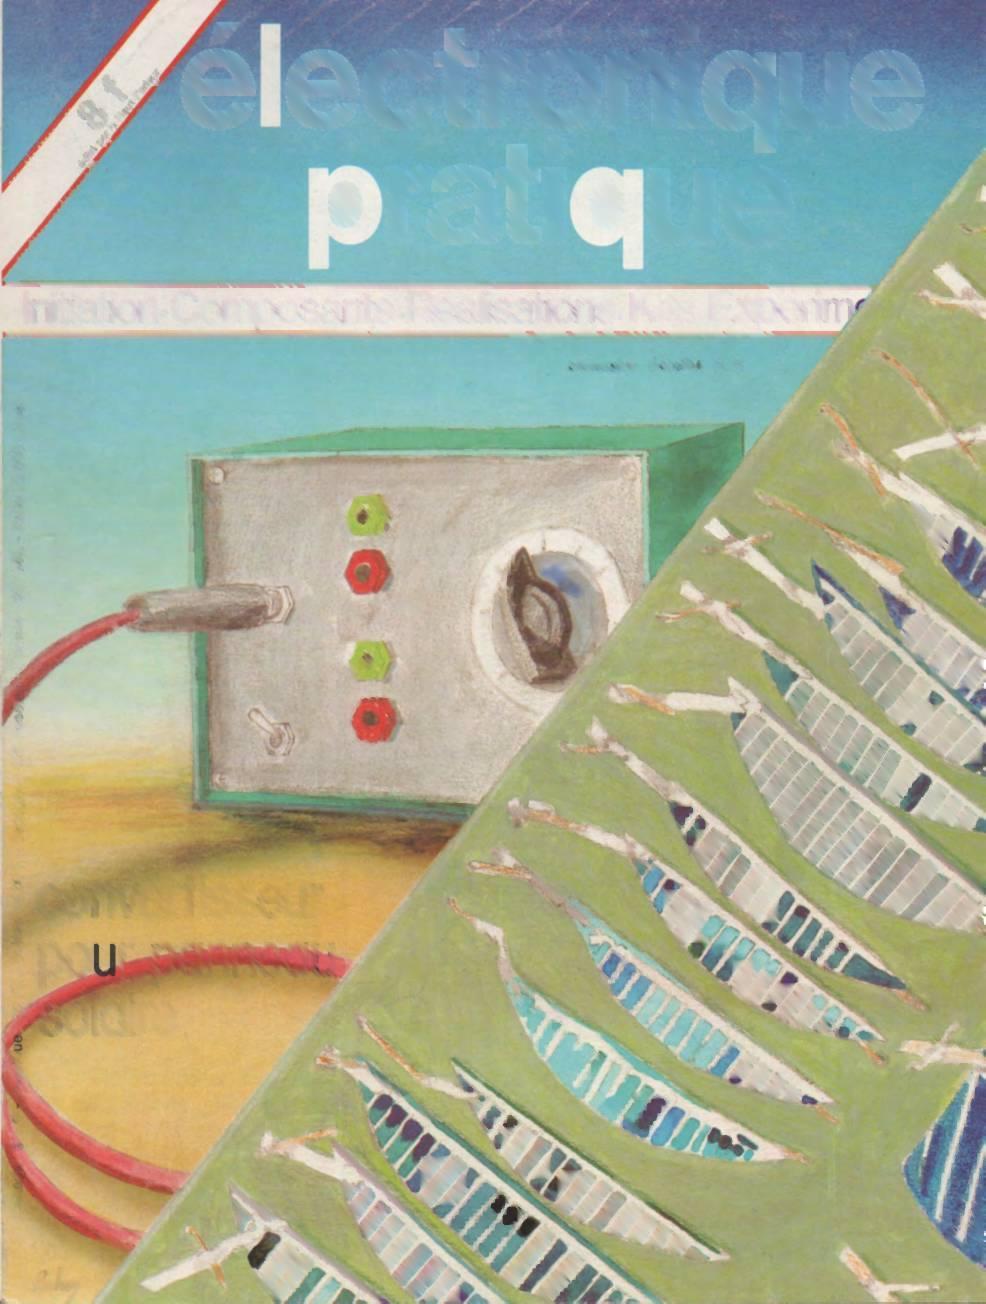 21 Genial Pompe Fontaine Solaire Leroy Merlin Des Images Interieur Fontaine Solaire Castorama Agencecormierdelauniere Com Agencecormierdelauniere Com